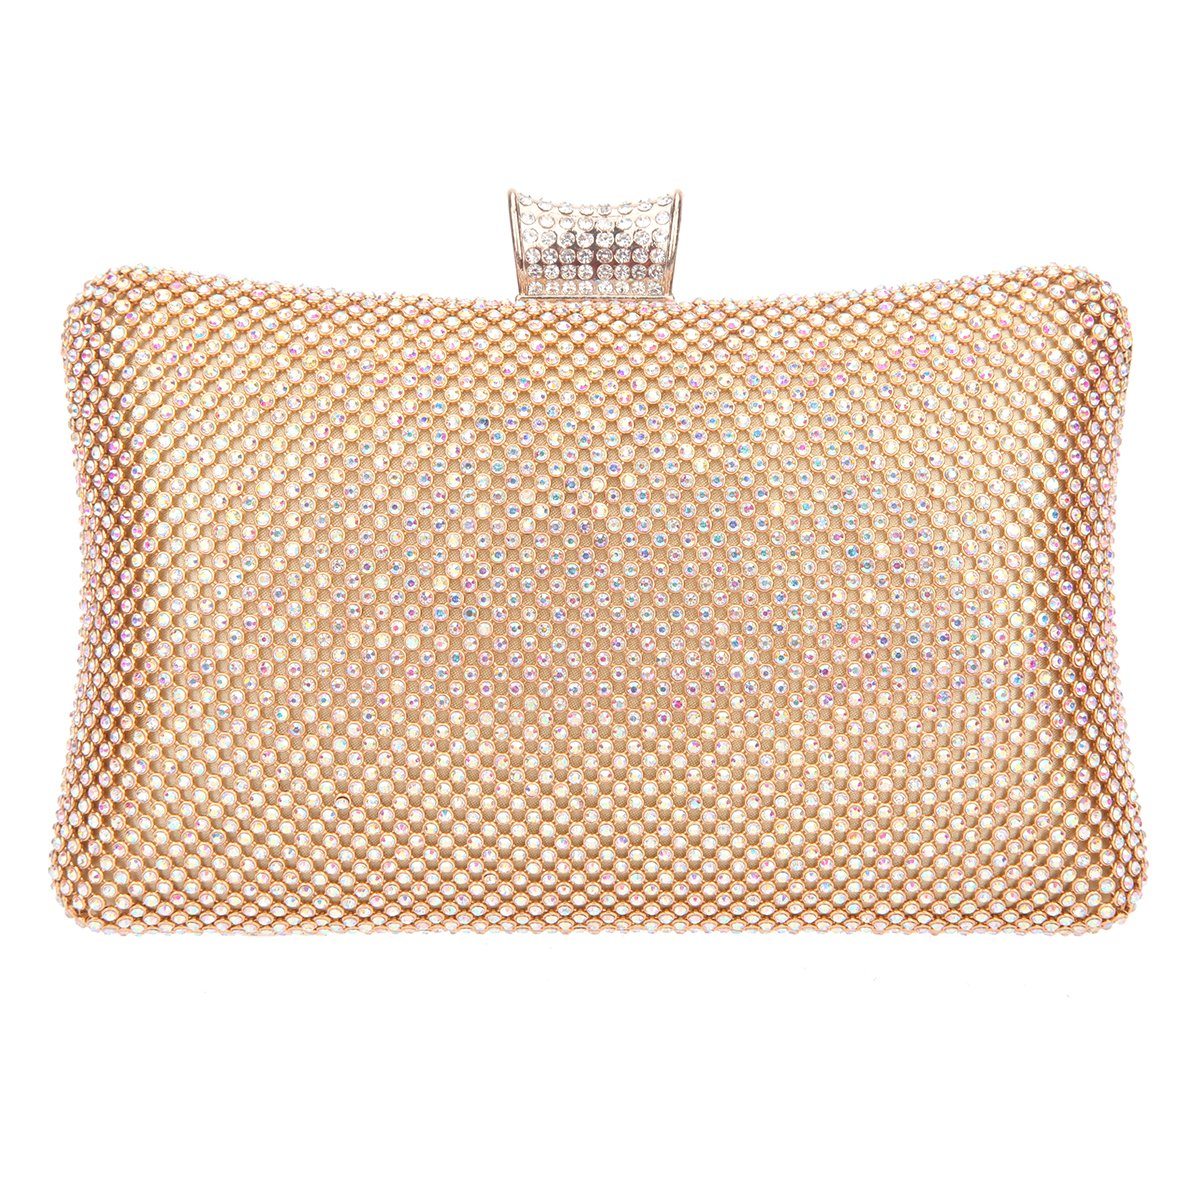 ed945a7e93ee Amazon.com  Fawziya Big Evening Bags For Women Rhinestone Crystal Clutch Bag-AB  Gold  Shoes